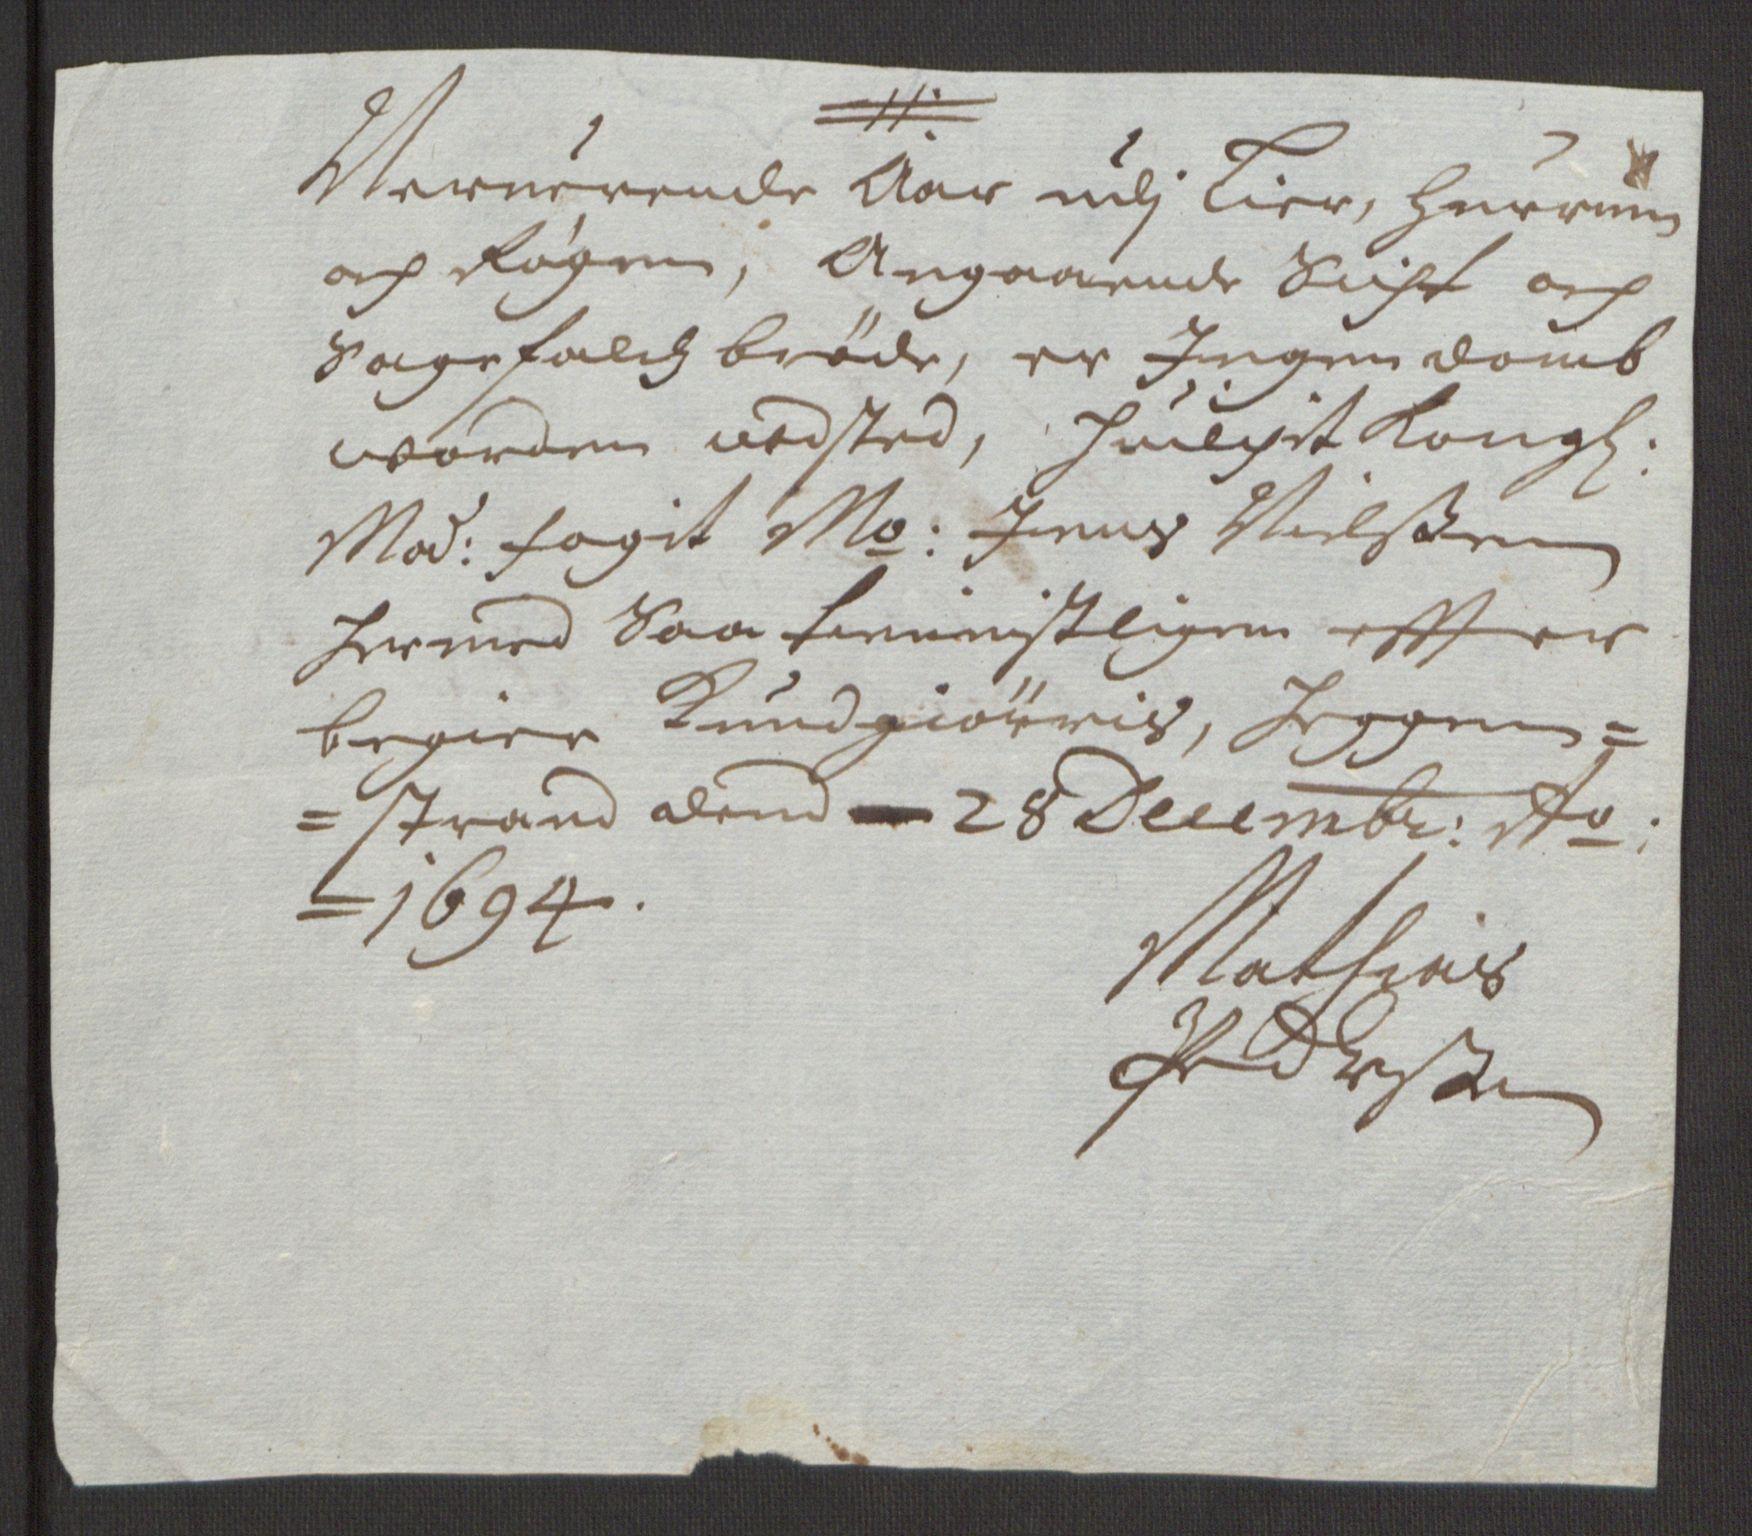 RA, Rentekammeret inntil 1814, Reviderte regnskaper, Fogderegnskap, R30/L1694: Fogderegnskap Hurum, Røyken, Eiker og Lier, 1694-1696, s. 17